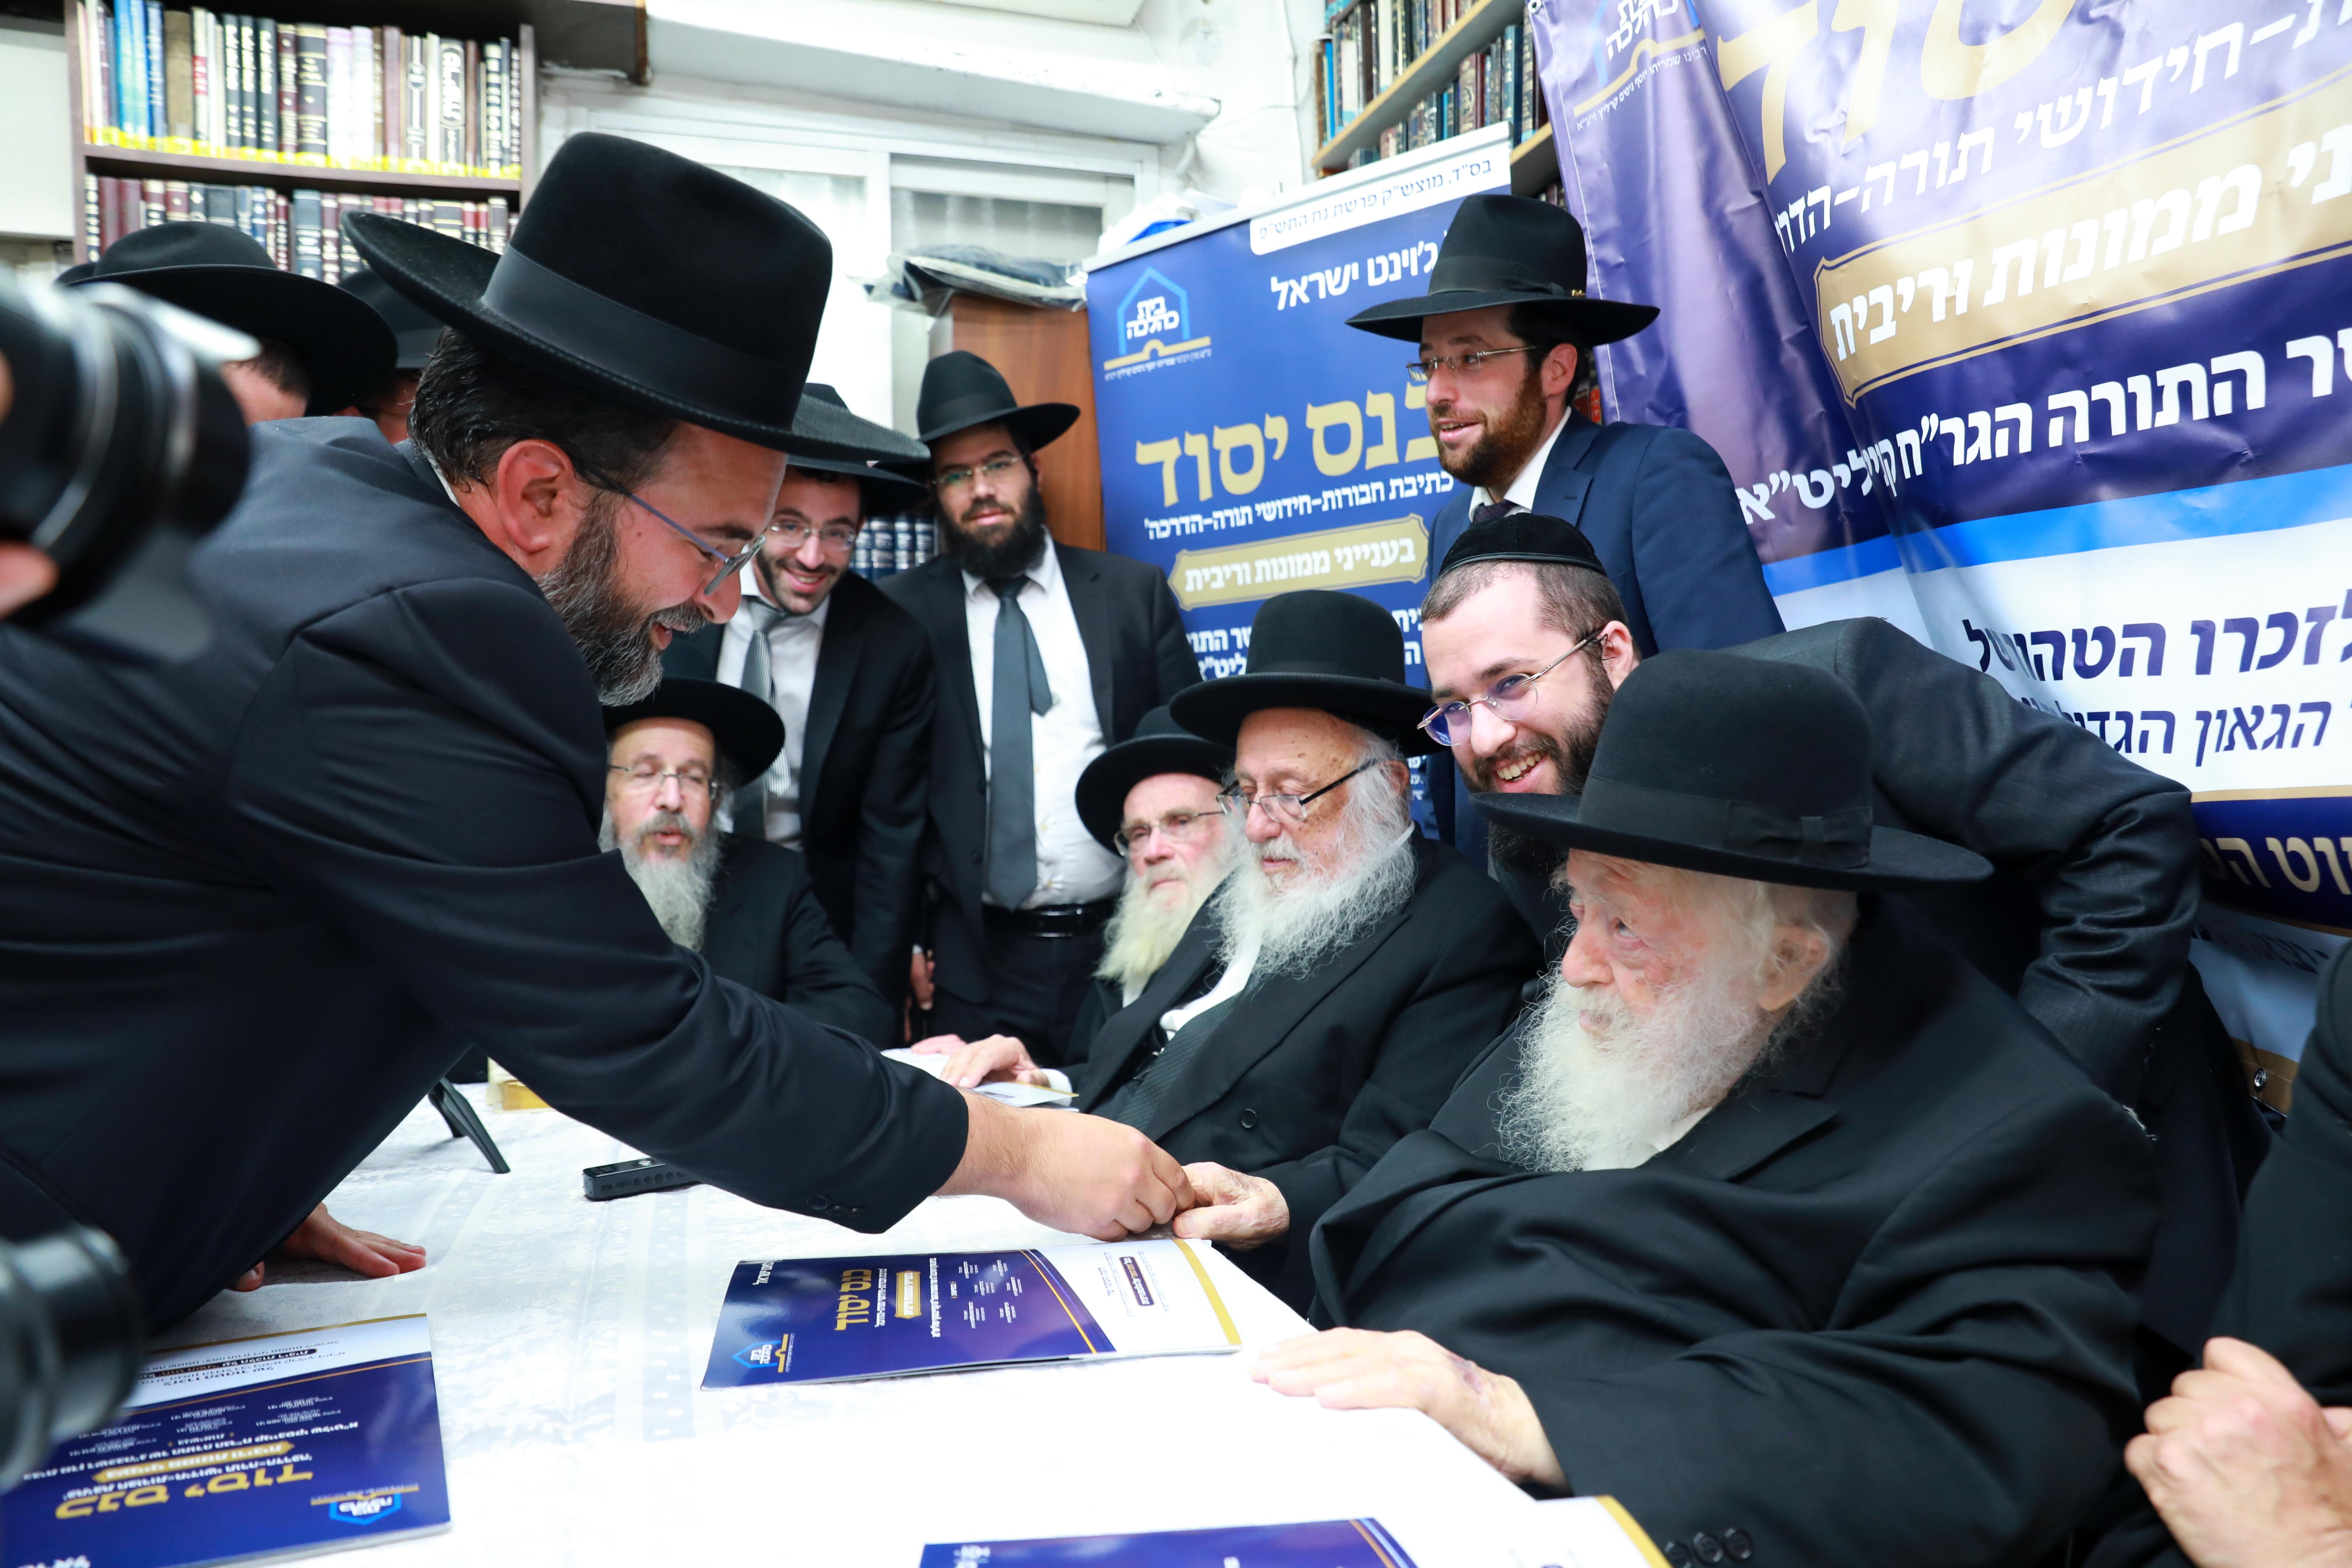 מנהל תוכנית חרדים בגוינט הרב יצחק טרכטנגוט מתברך ממרן שר התורה